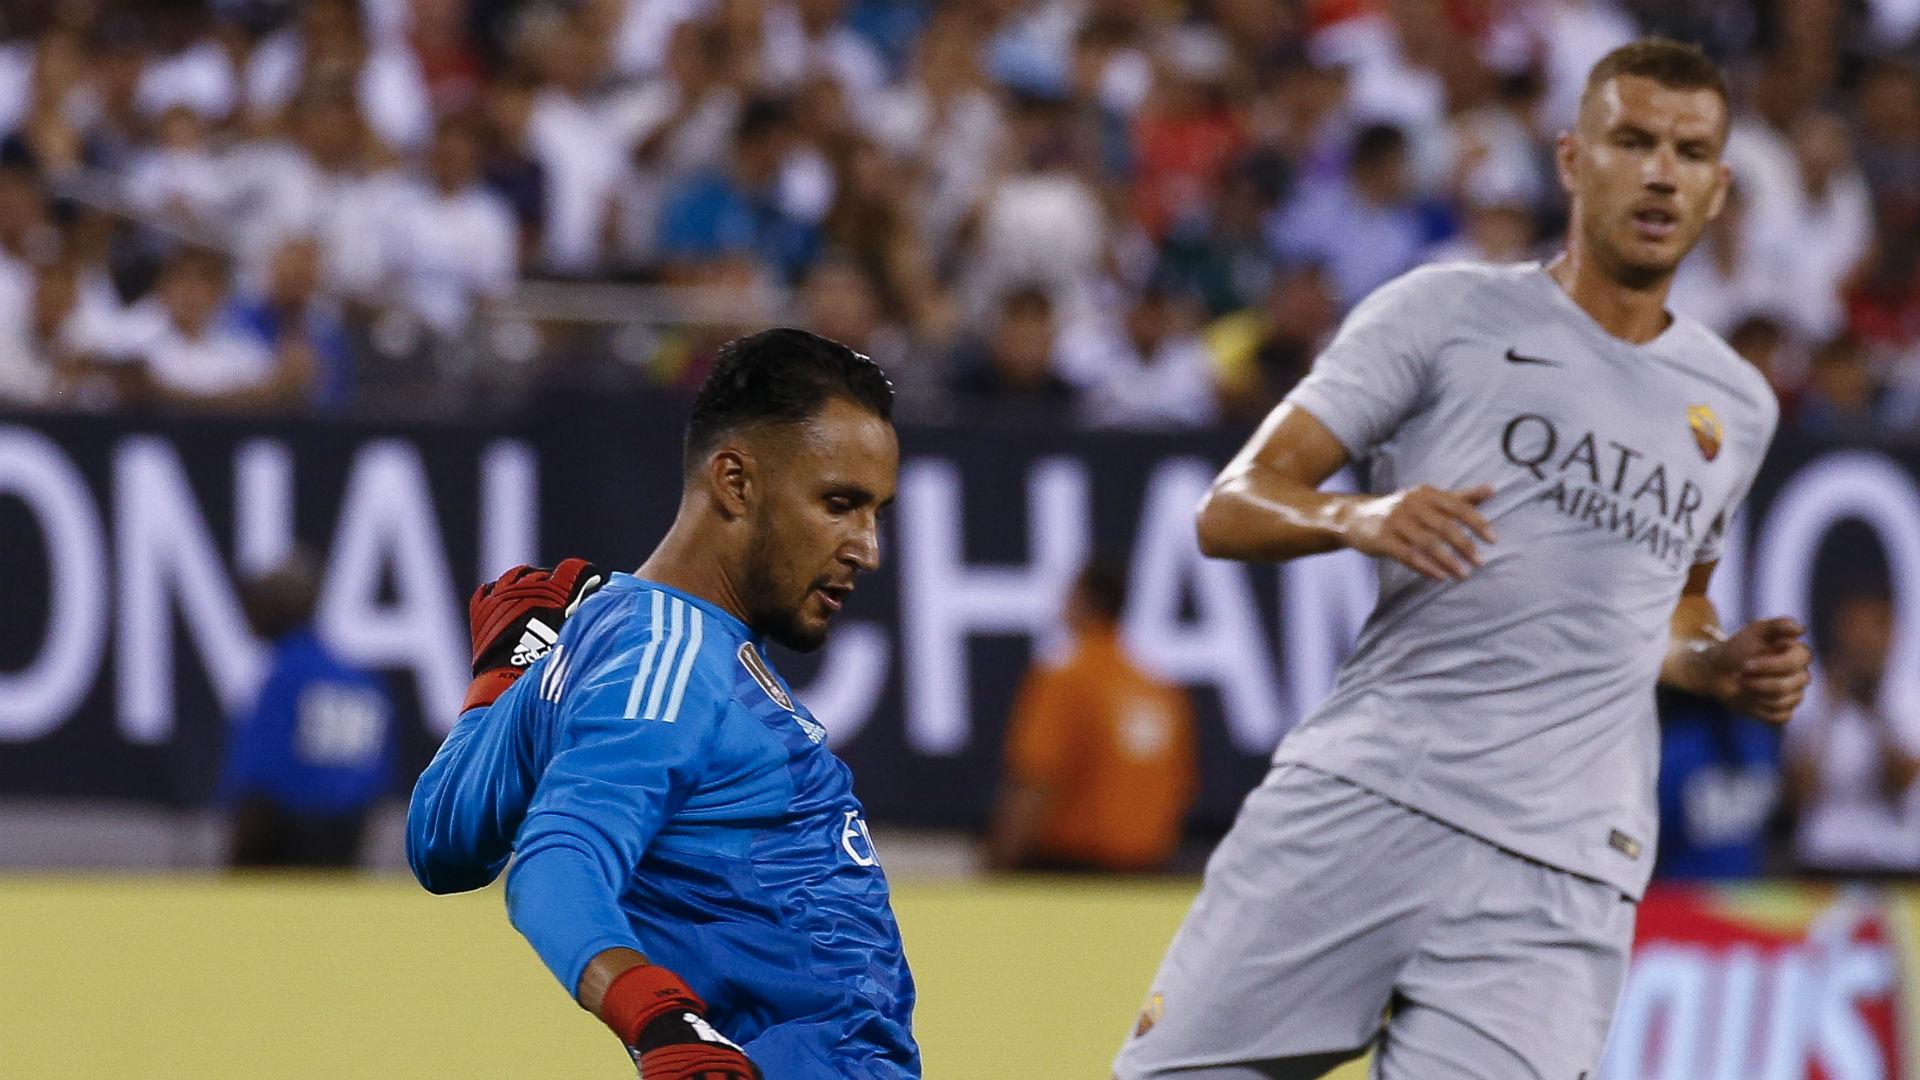 Keylor Navas Edin Dzeko Real Madrid Roma ICC 2018